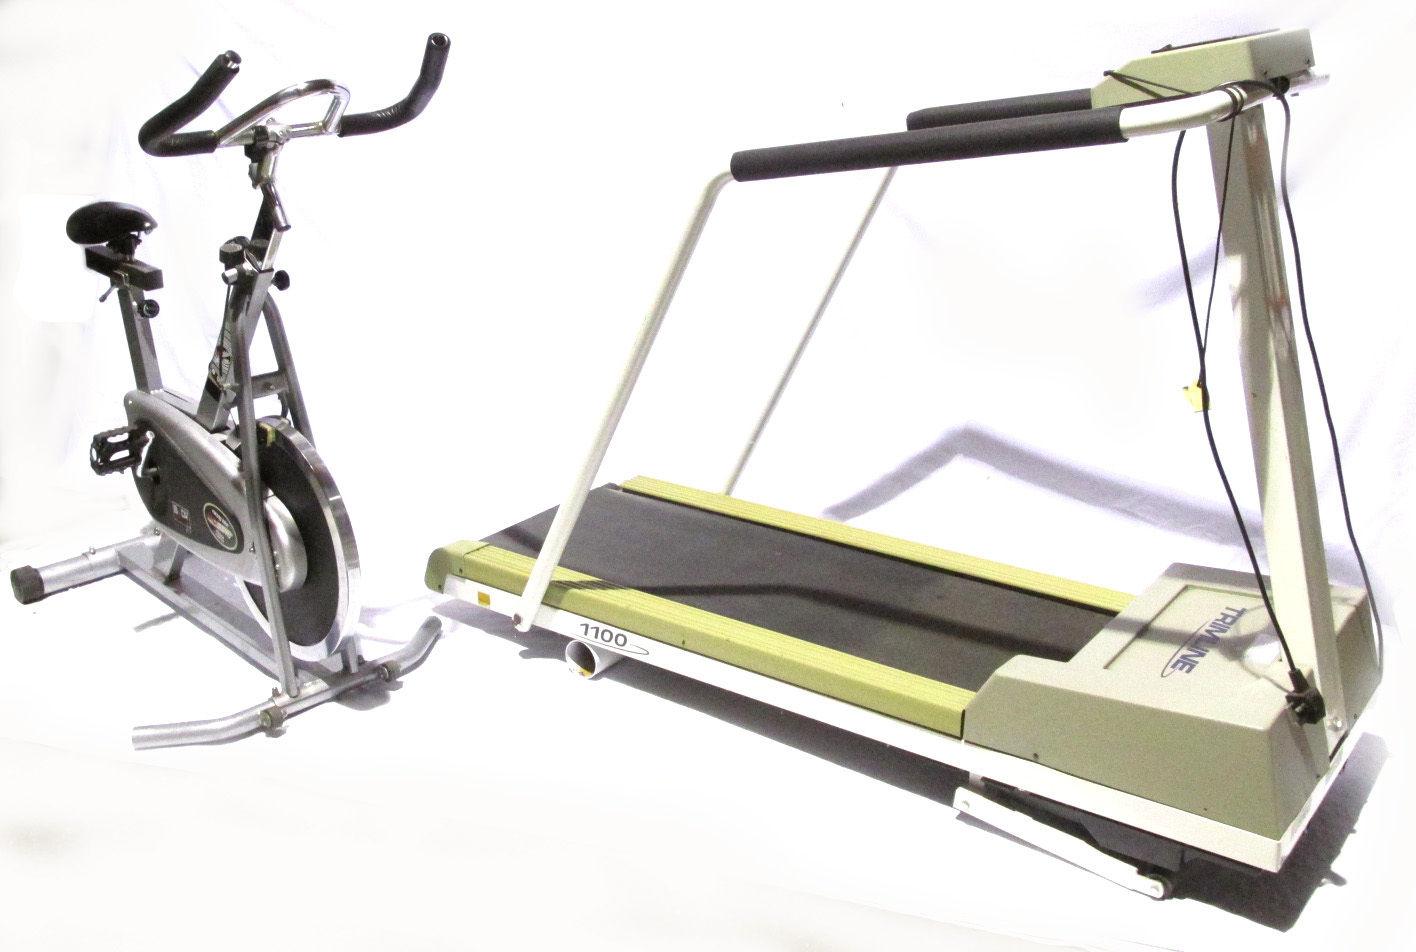 Беговые дорожки или велотренажеры для похудения, что лучше: плюсы и минусы